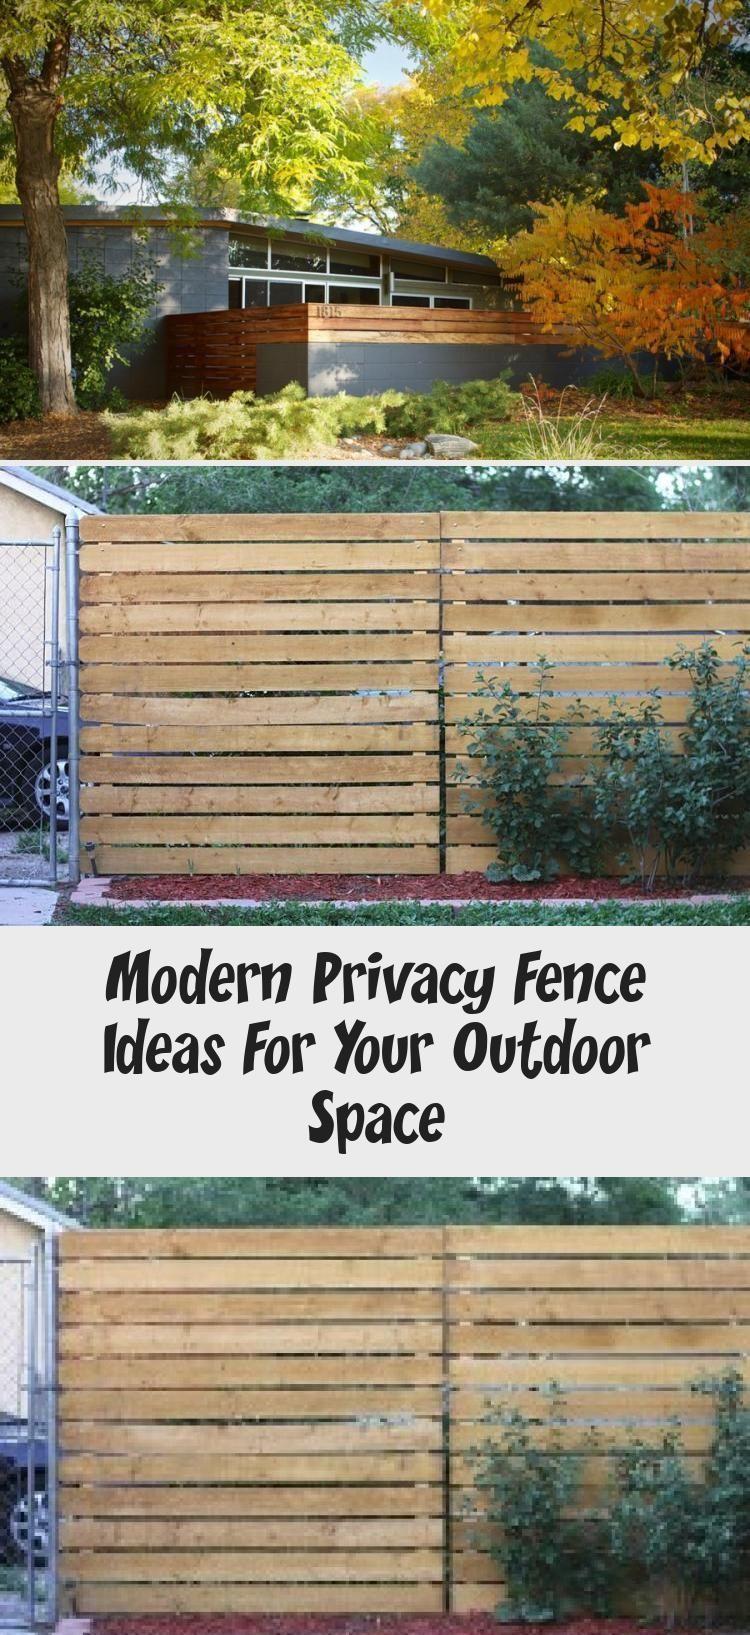 Ideen Fur Moderne Sichtschutzzaune Fur Ihren Aussenbereich Fence